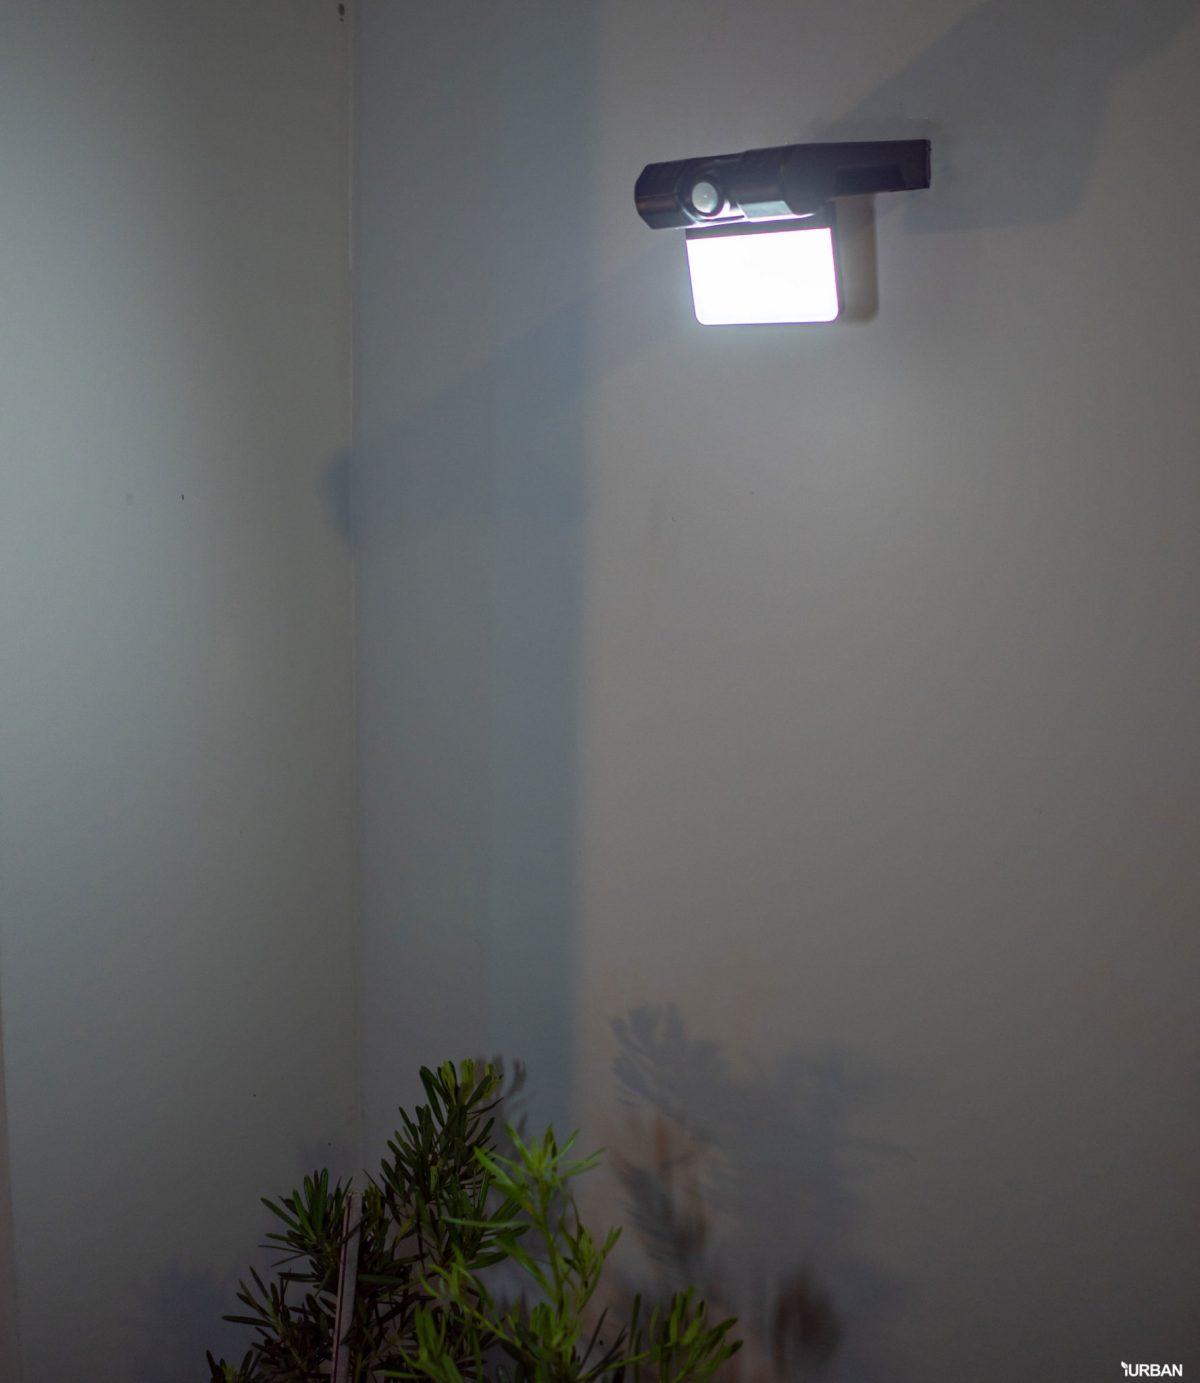 รีวิว 3 โคมไฟพลังงานแสงอาทิตย์ LAMPTAN LED SOLAR SMART SENSOR พร้อมฟังก์ชันใหม่ 2020 46 - cover